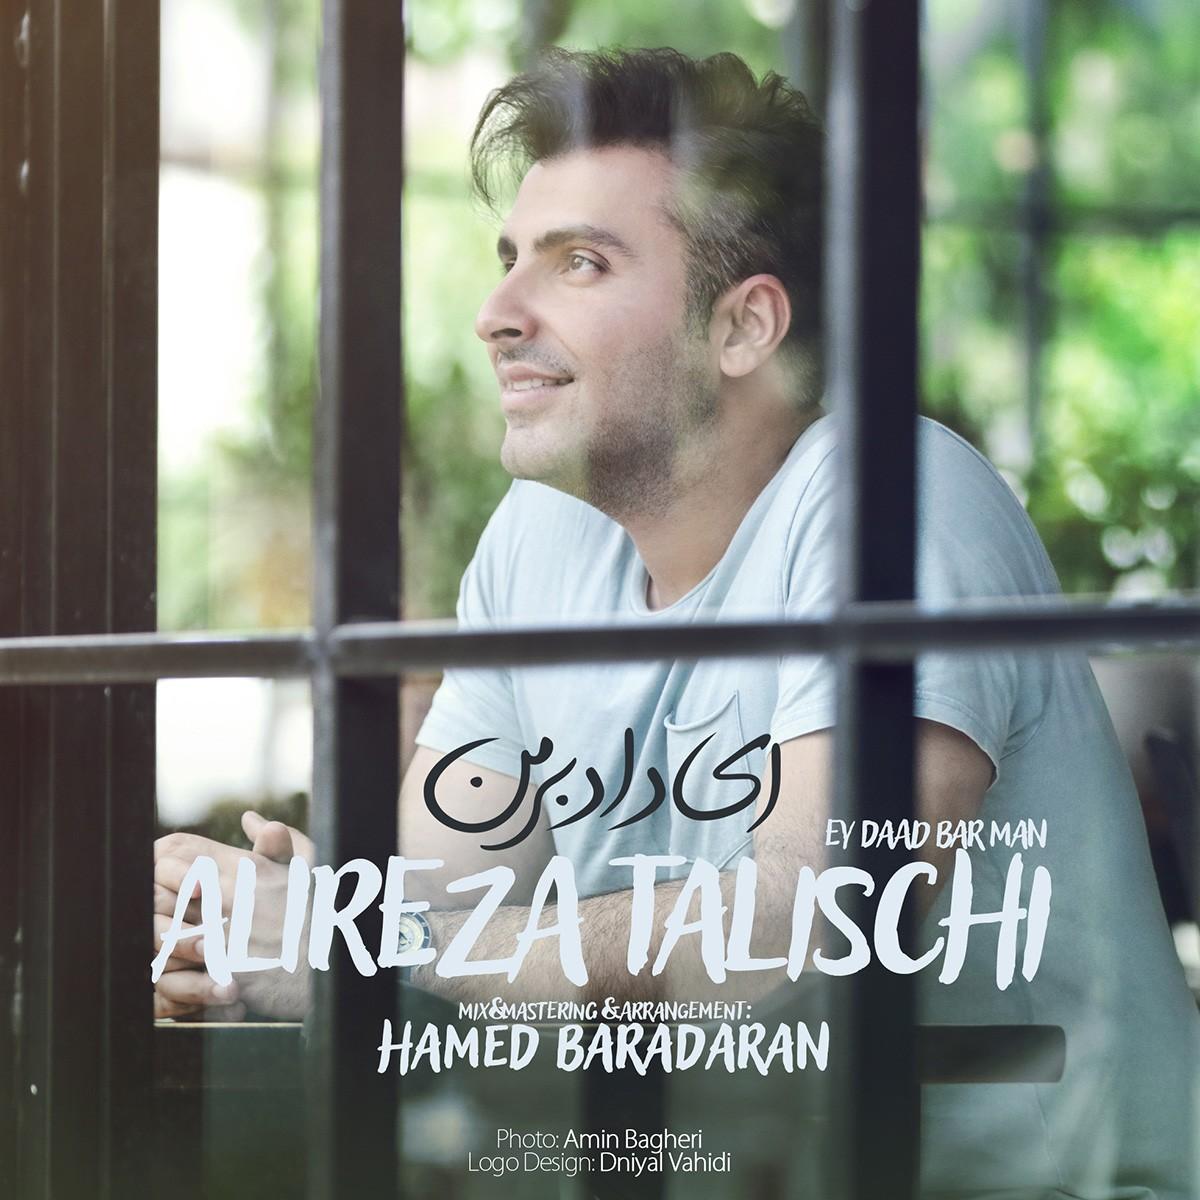 نامبر وان موزیک | دانلود آهنگ جدید Alireza-Talischi-Ey-Daad-Bar-Man